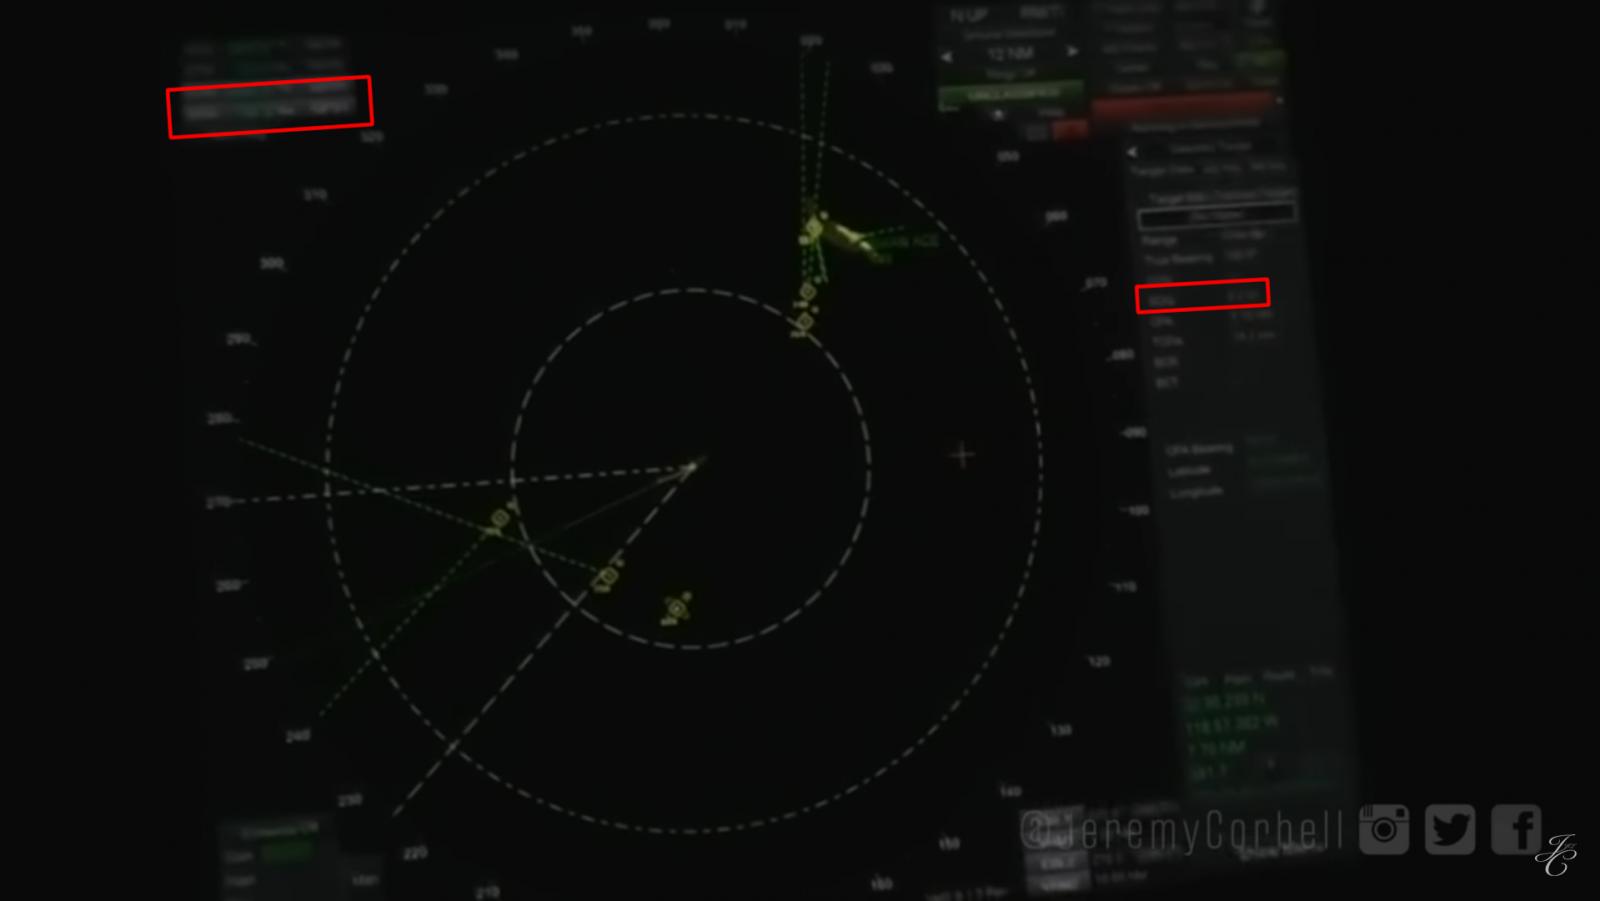 sog highlight corbell radar.png